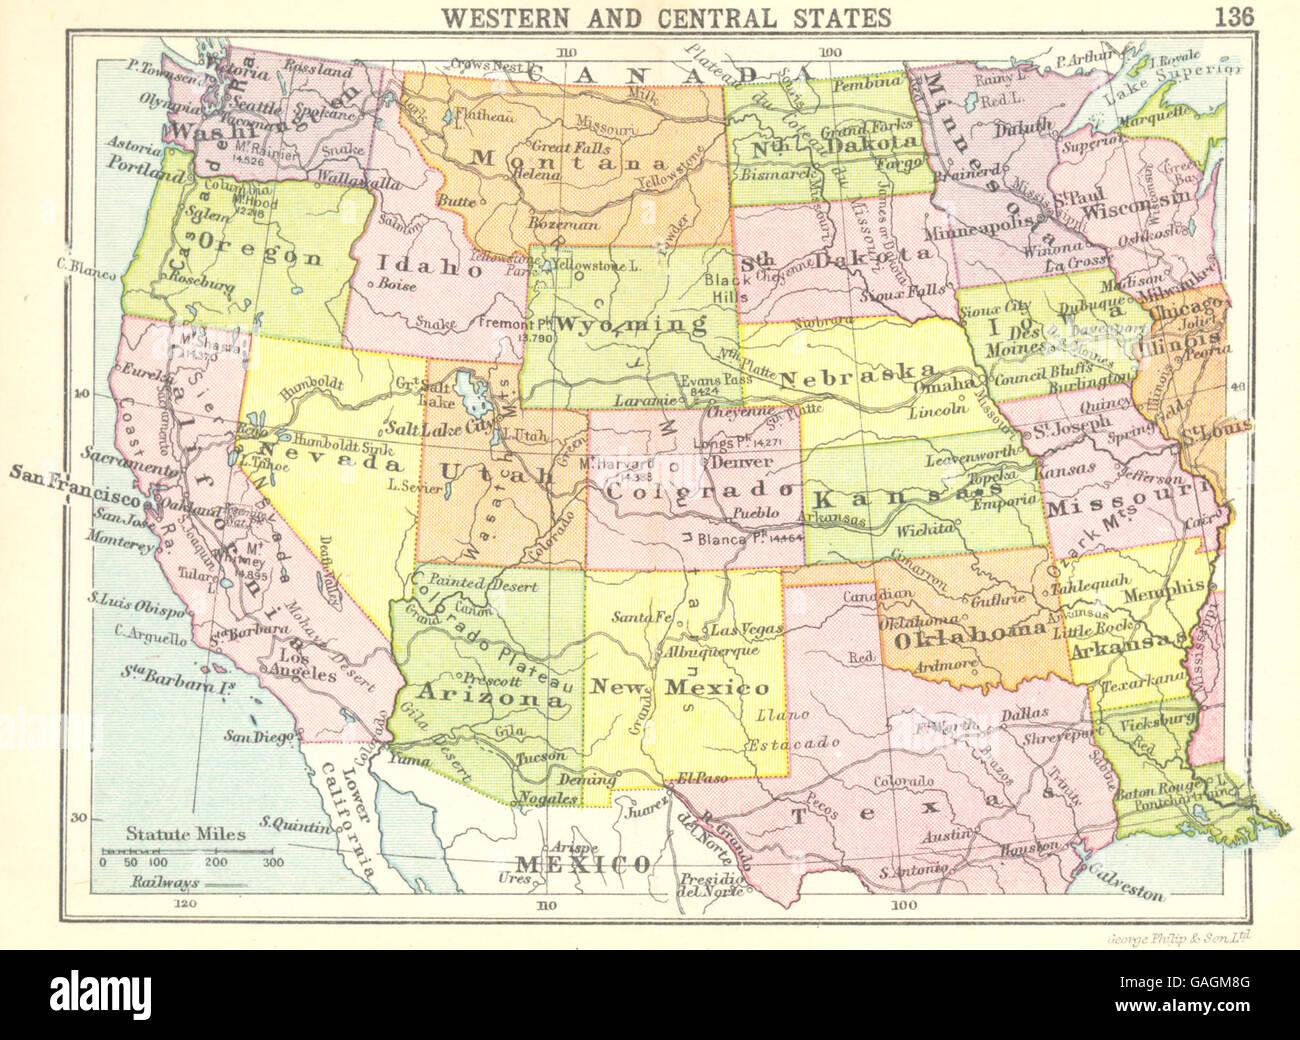 USA: Western und Central States; Kleine Karte, 1912 Stockfoto, Bild on